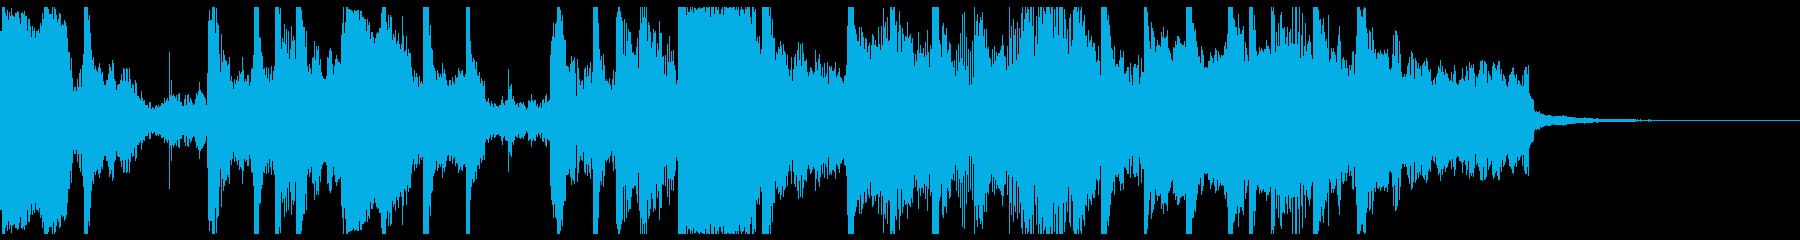 サラサラ ジャズ フュージョン ゆ...の再生済みの波形